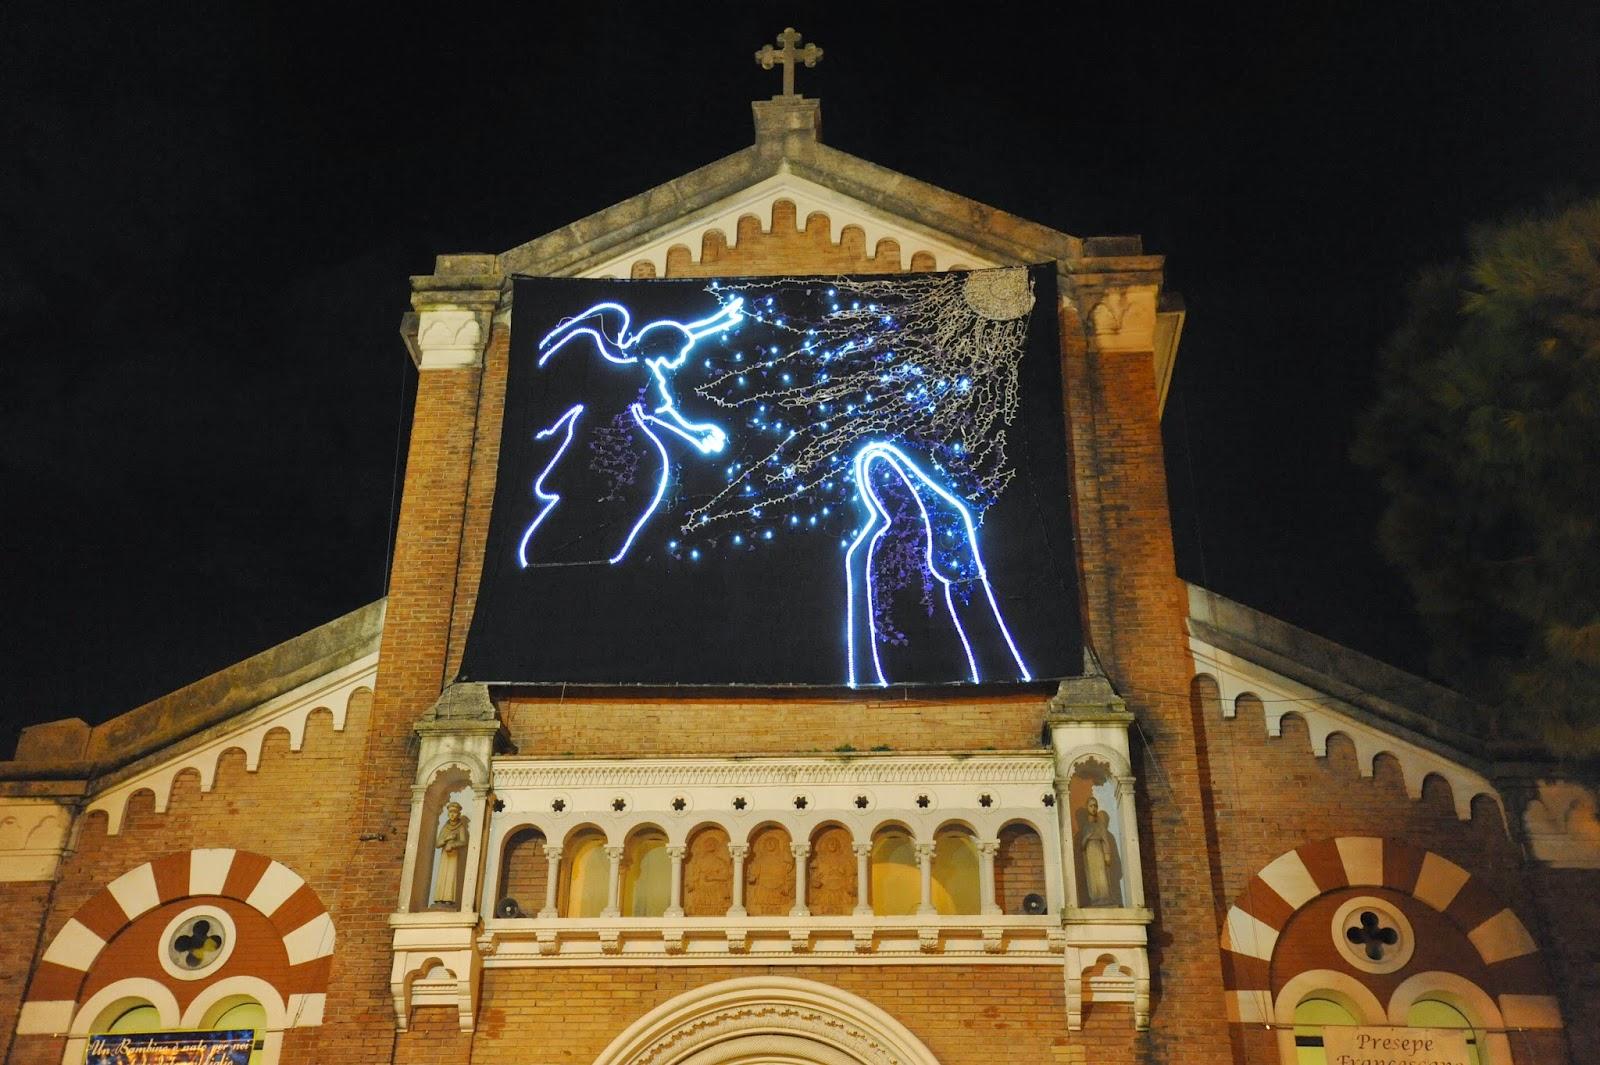 Le Luci D'Artista di Salerno